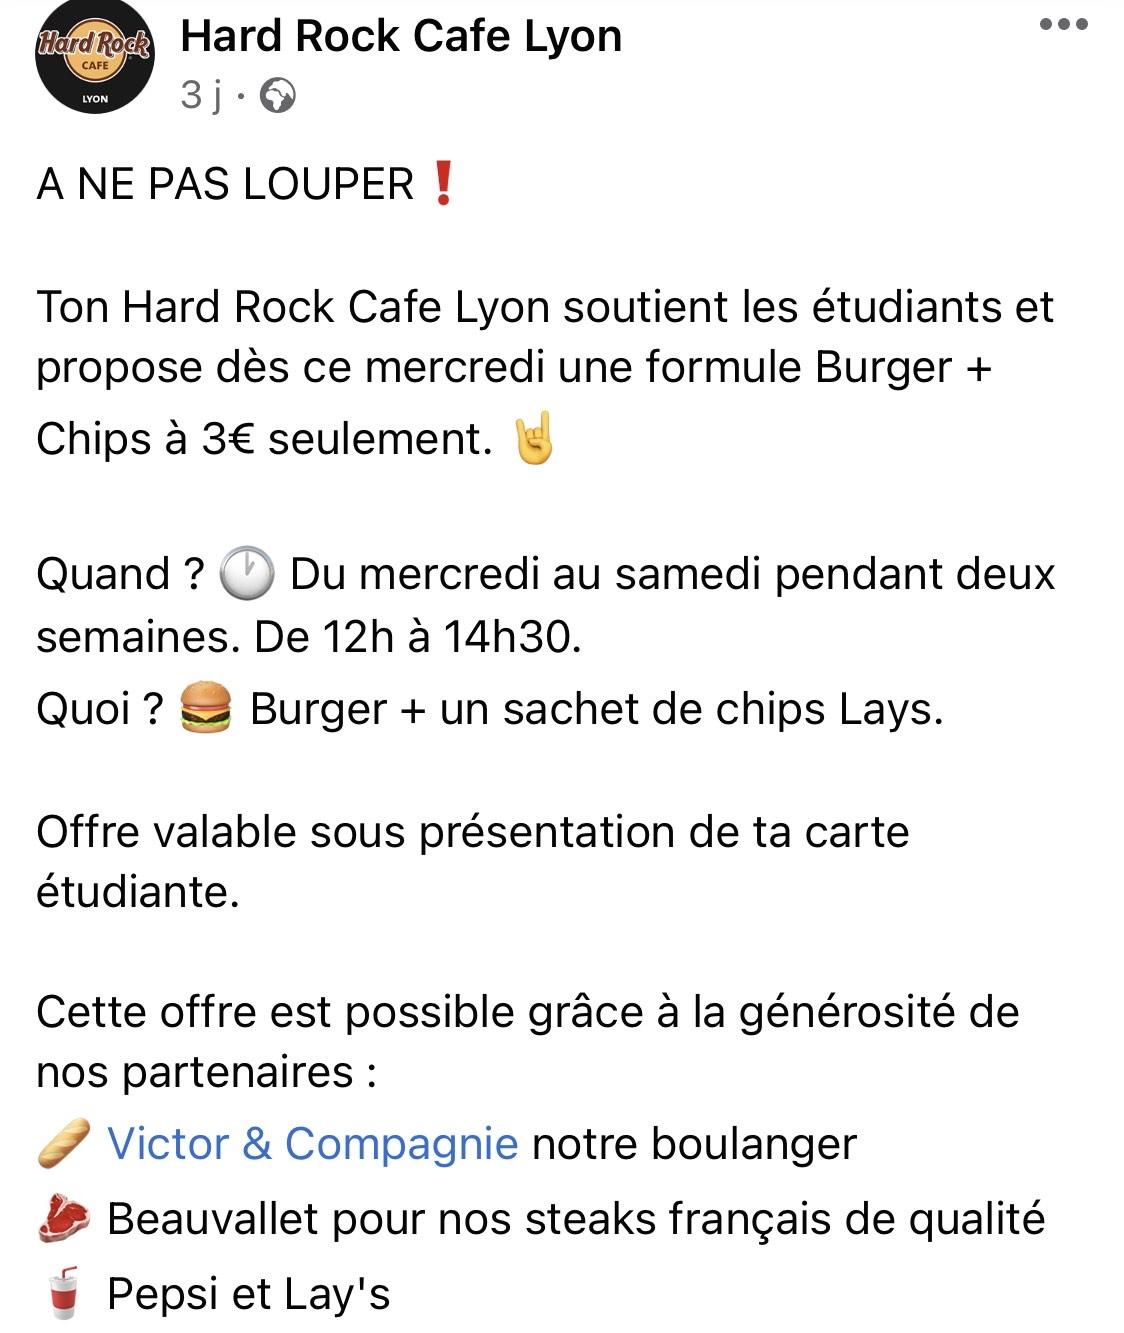 [Étudiants] Burgers + Chips à 3€ - Hard Rock Cafe Lyon (69)